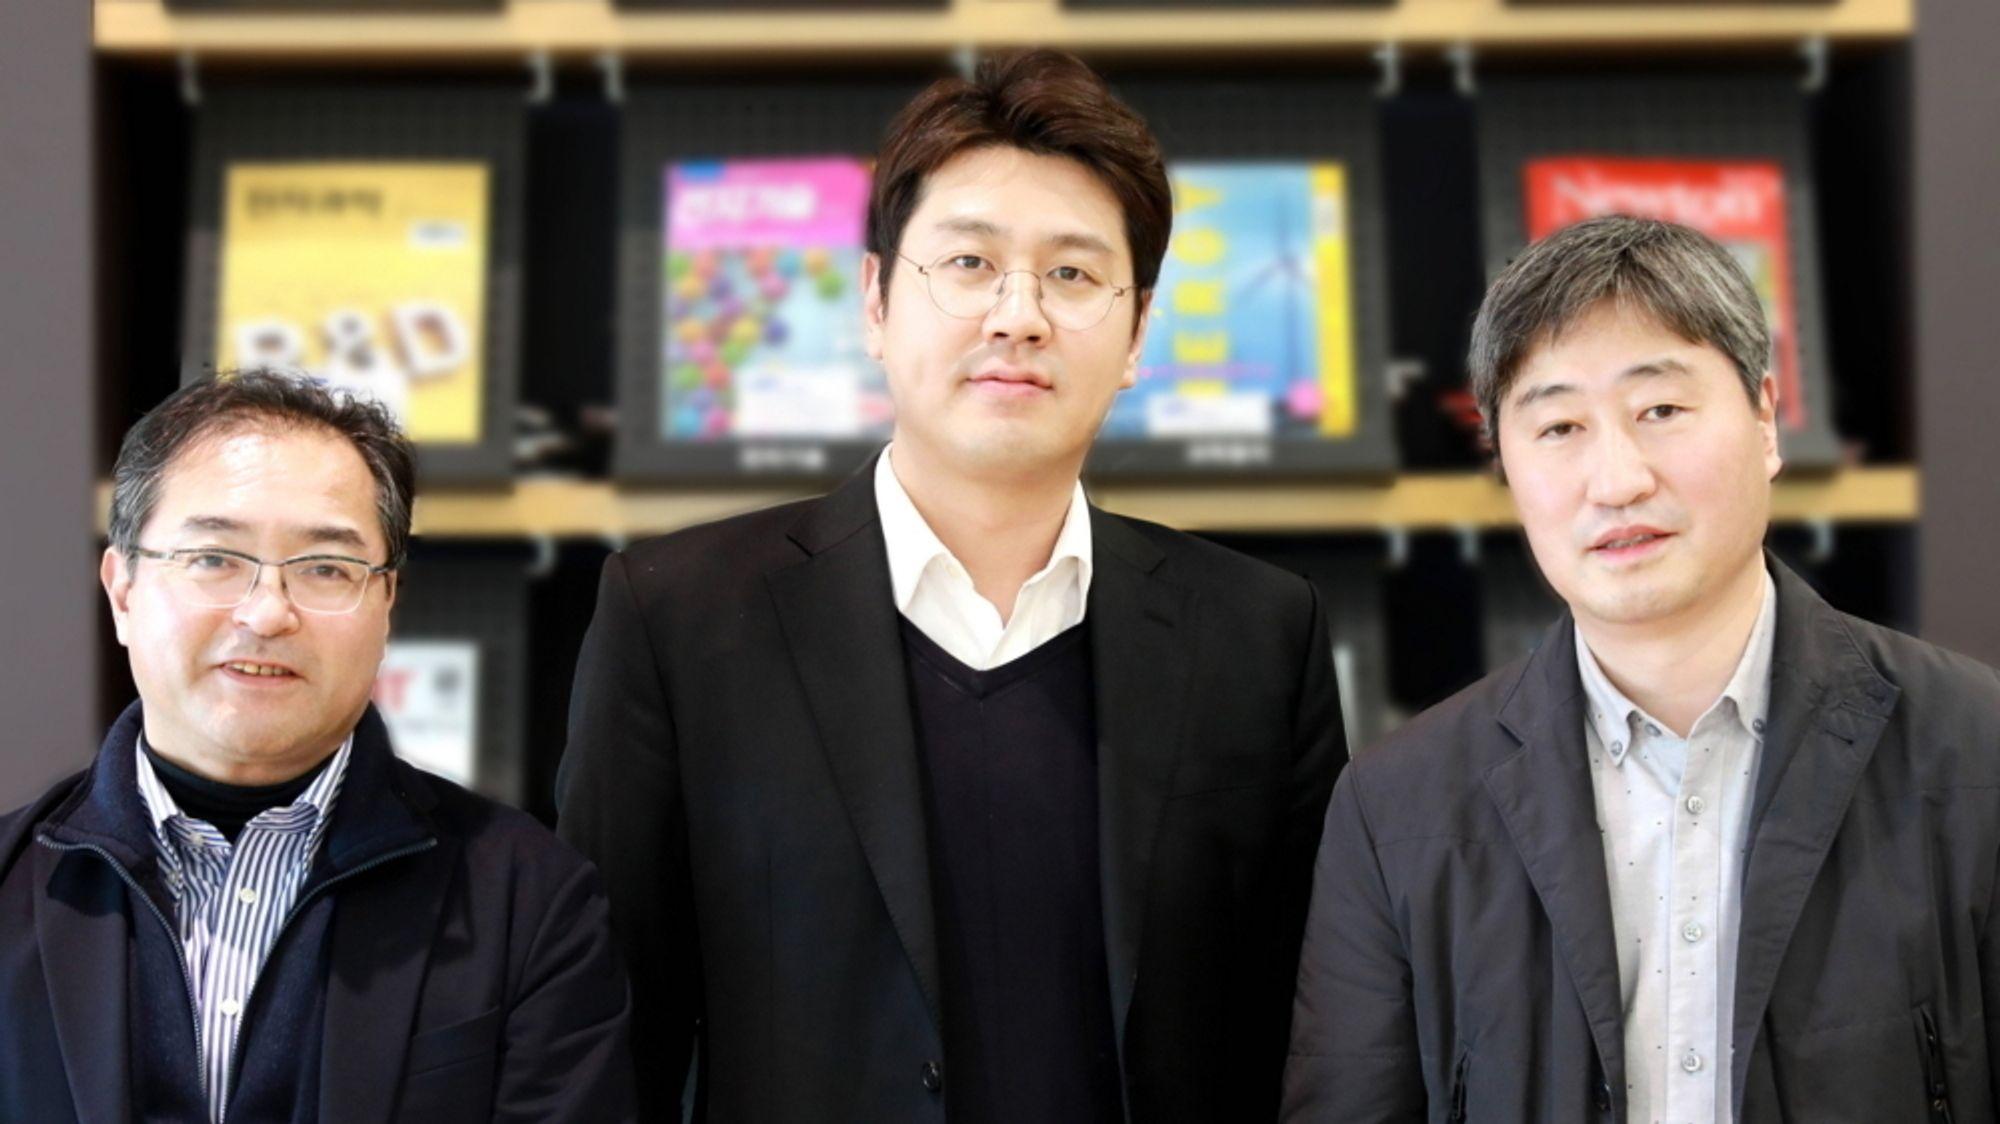 Forskerne Yuichi Aihara, til venstre, Yong-Gun Lee og Dongmin Im mener å ha løsningen som gir lavere brannfare og betydelig økt rekkevidde for elbiler.